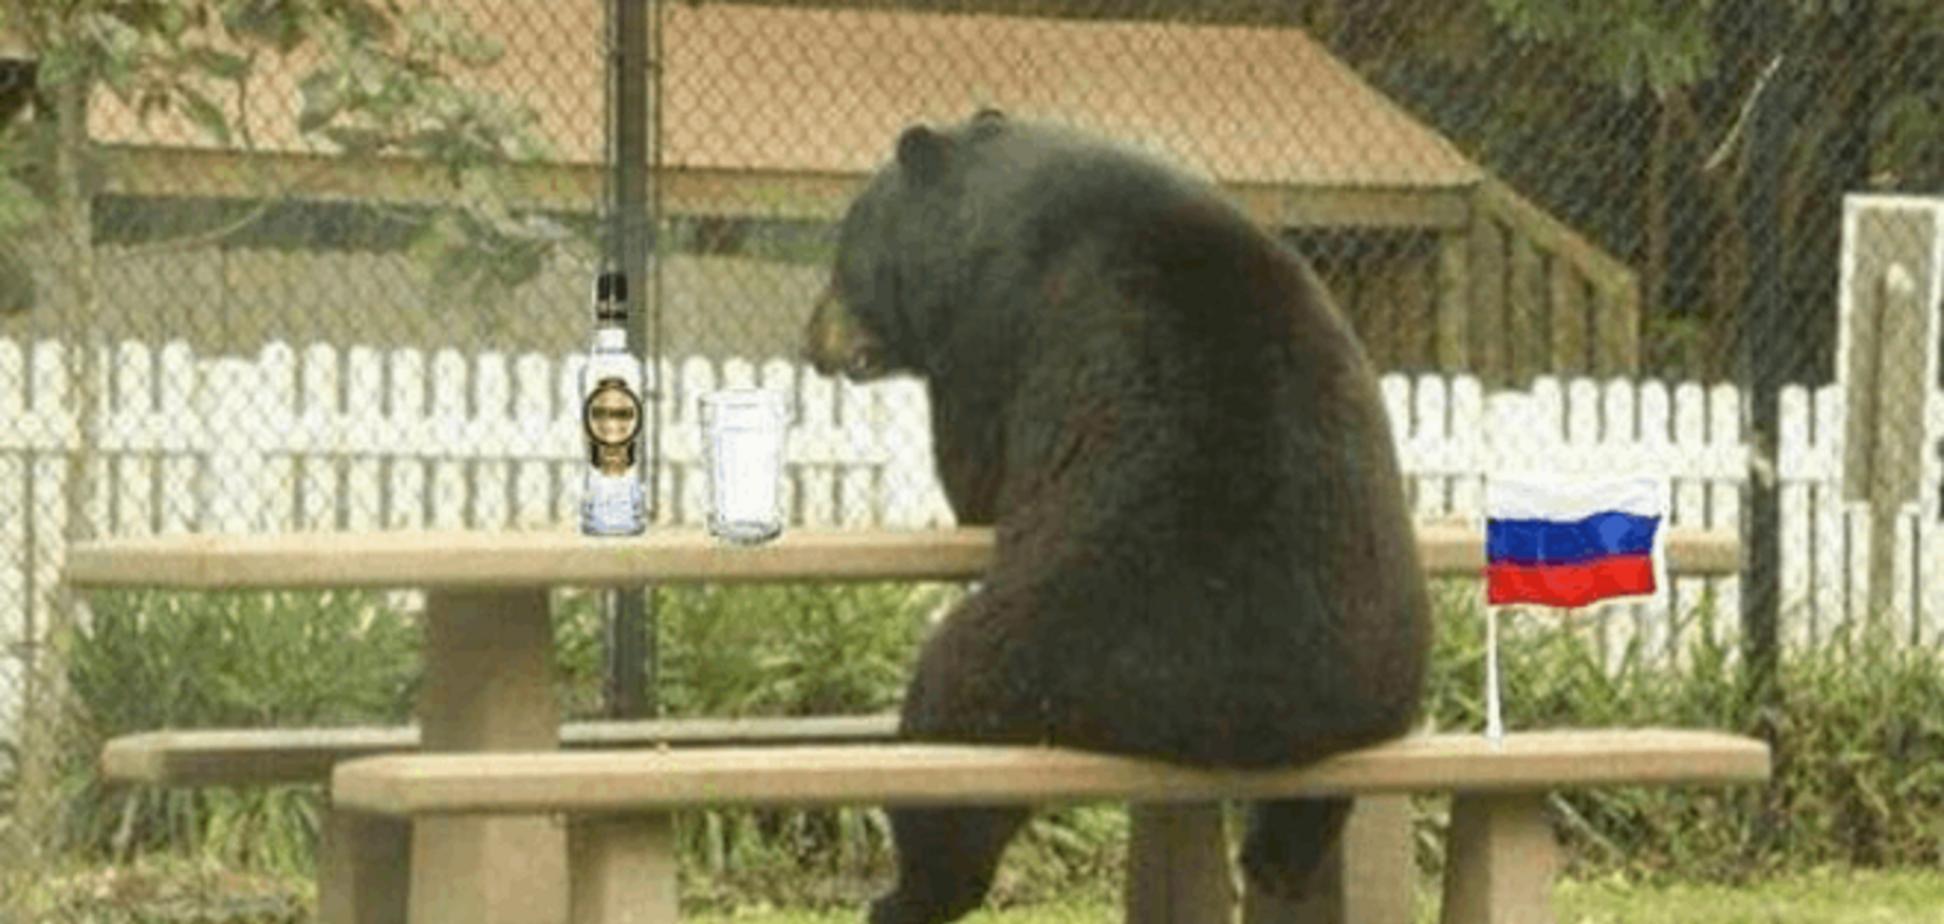 Путин на G1: соцсети взорвались фотоприколами на саммит 'Большой семерки'